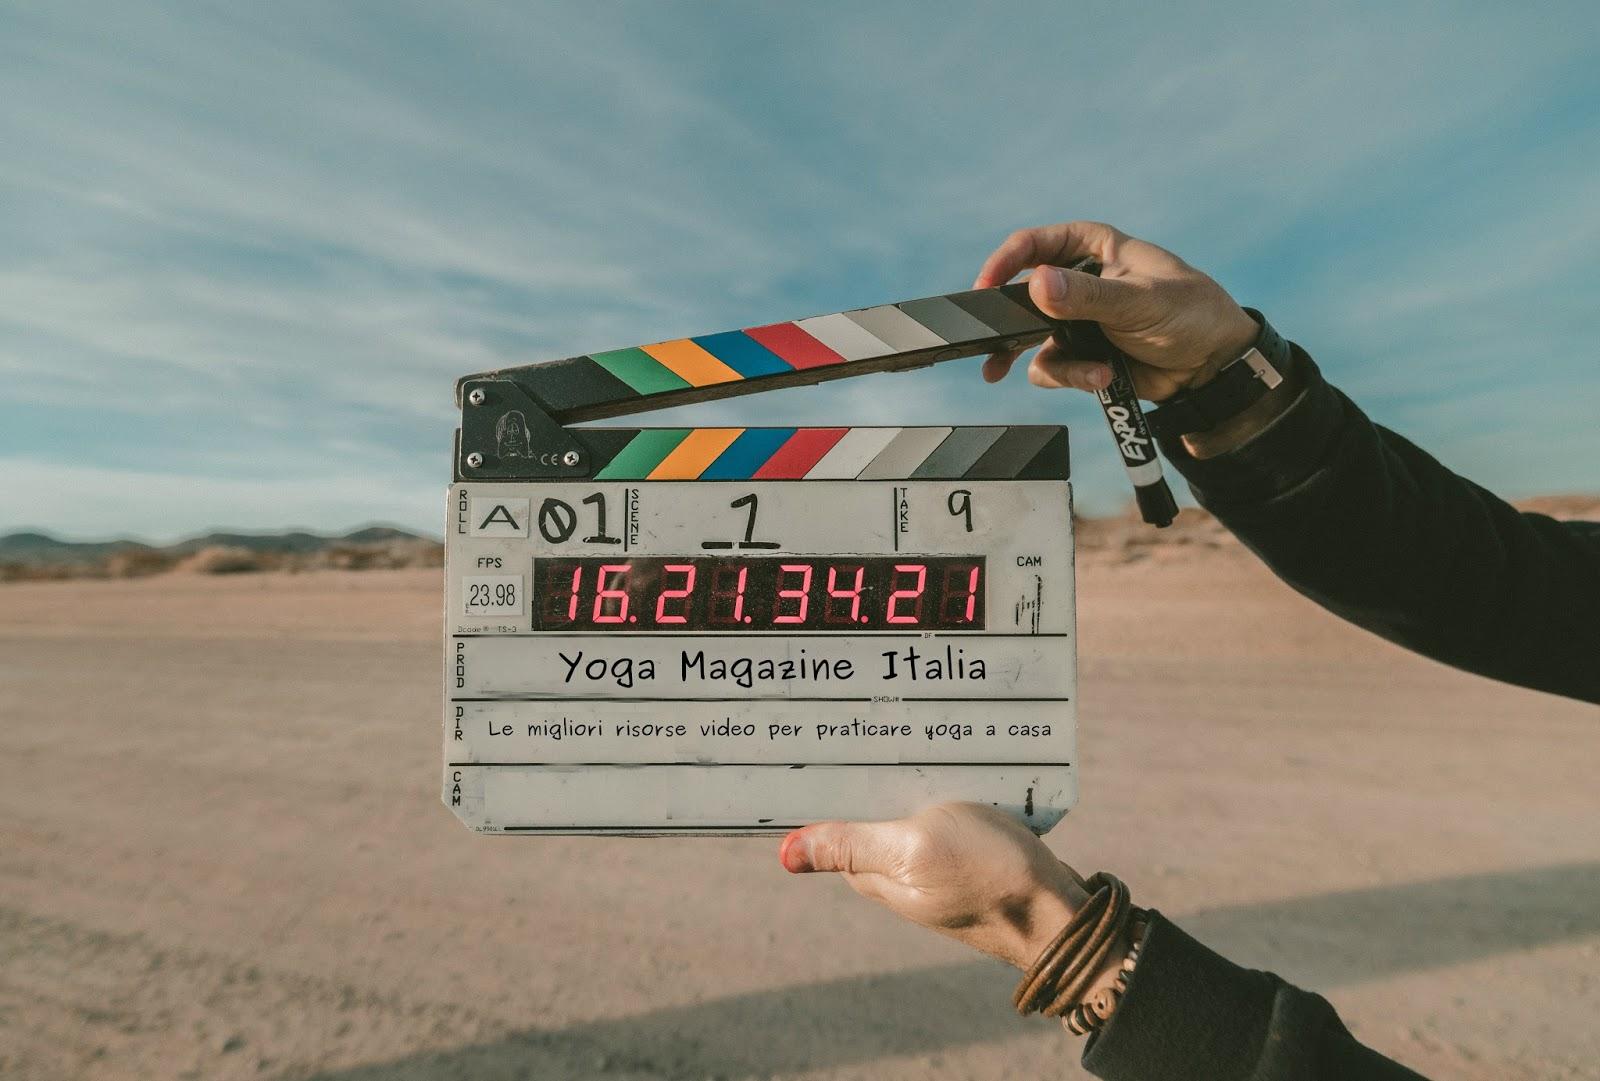 video di yoga su youtube per dimagrire